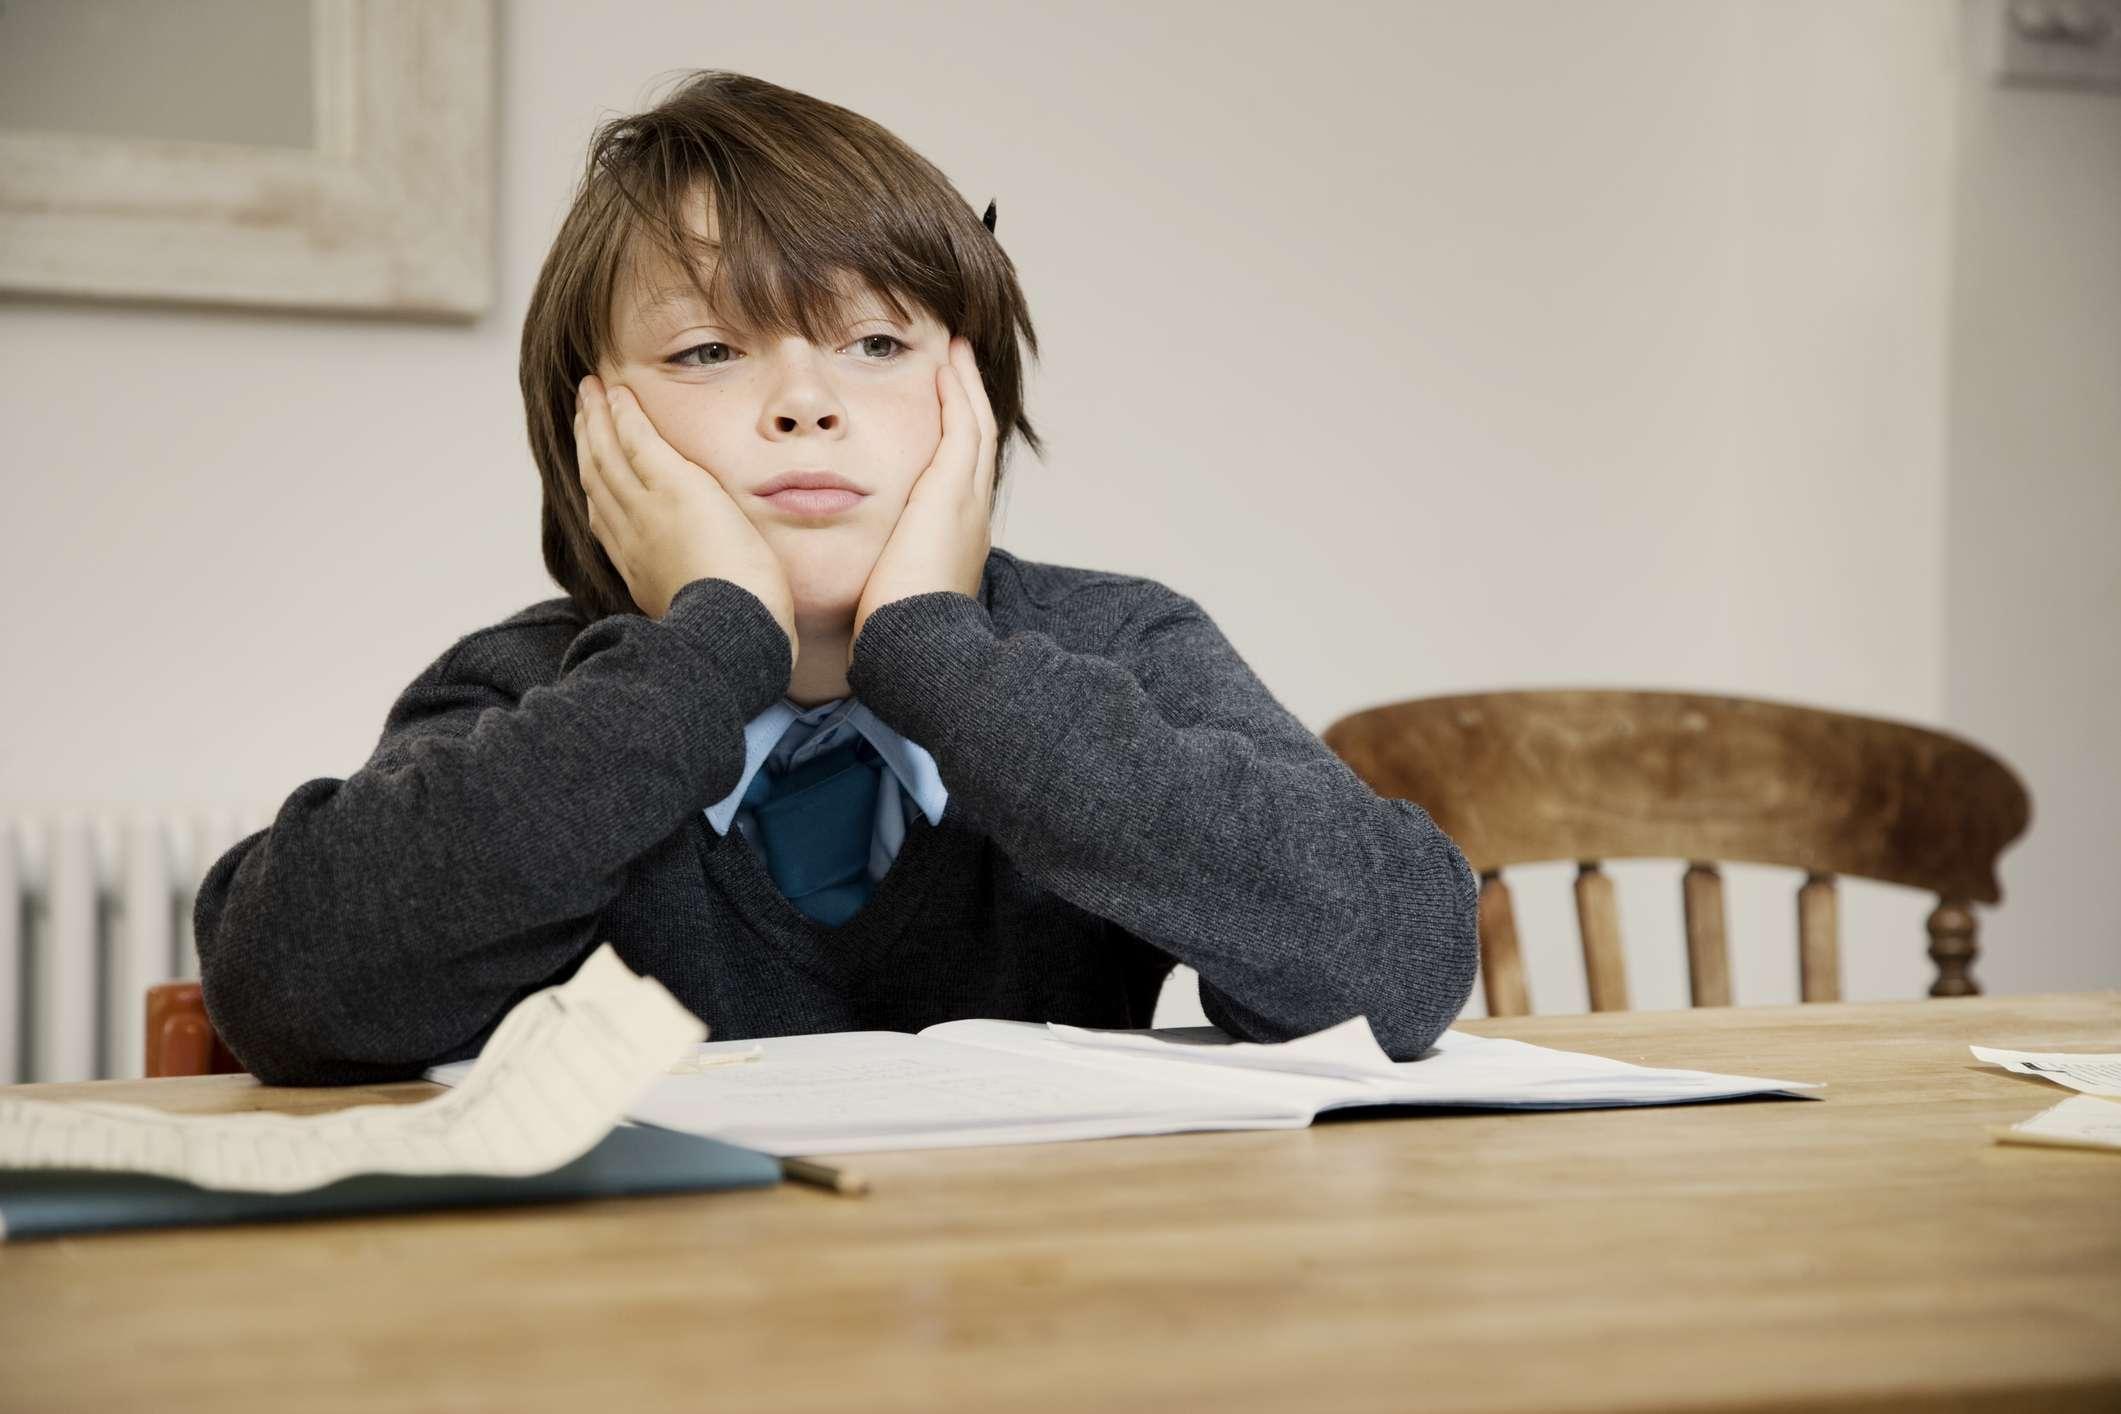 Boy not doing homework